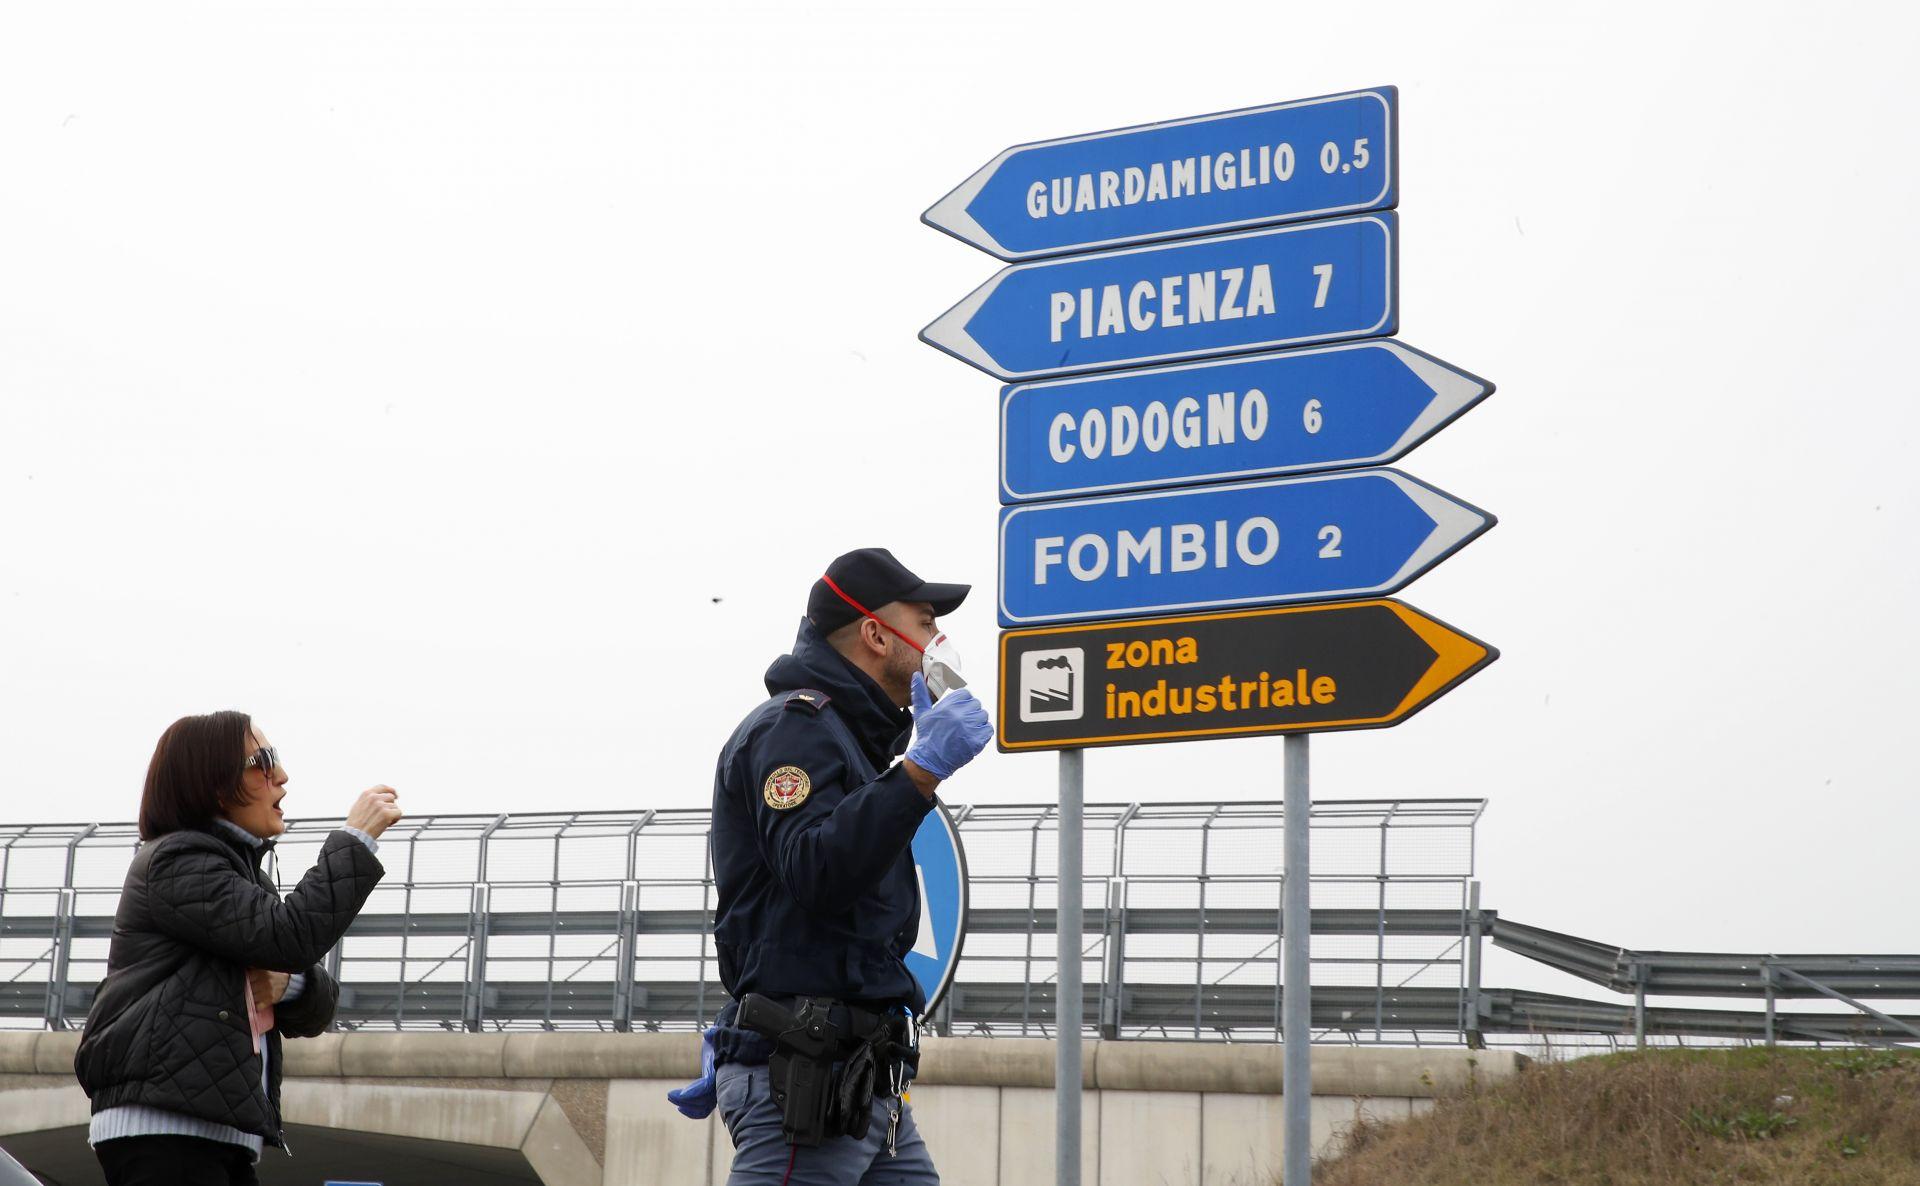 Полицията контролира контролно-пропускателните пунктове около карантинните градове в северната част на Италия